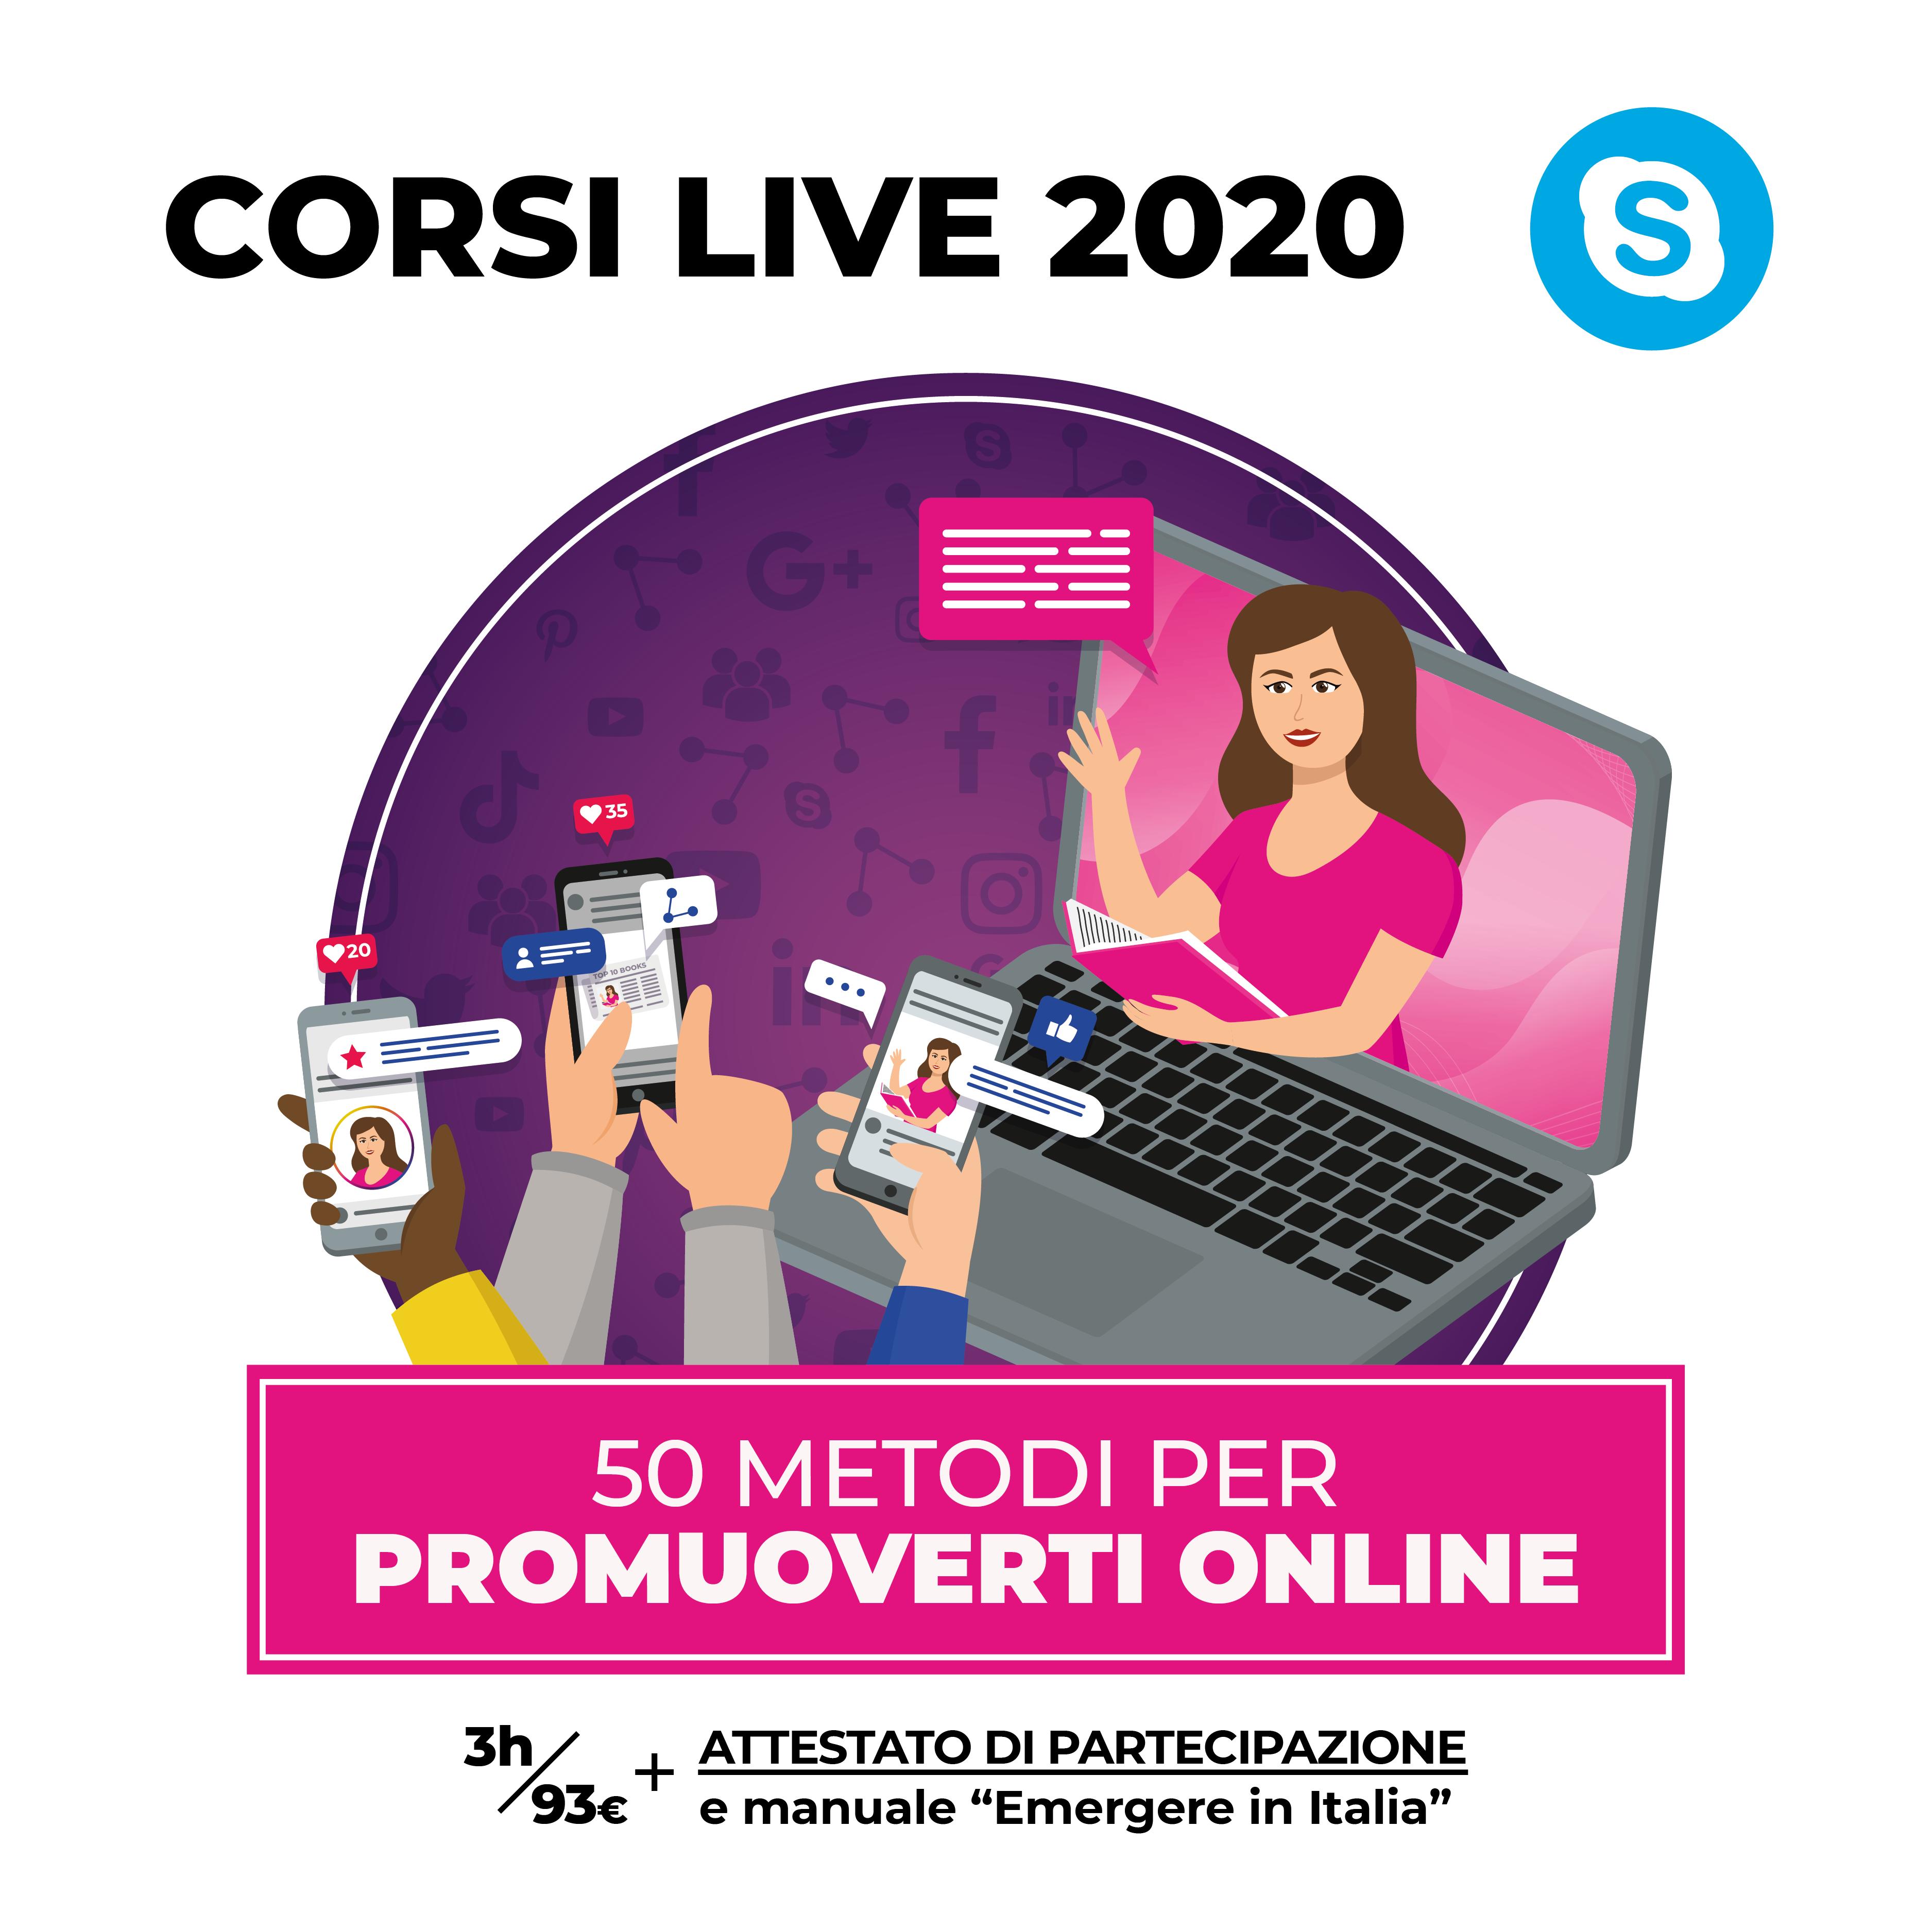 Cinquanta metodi per promuoversi online